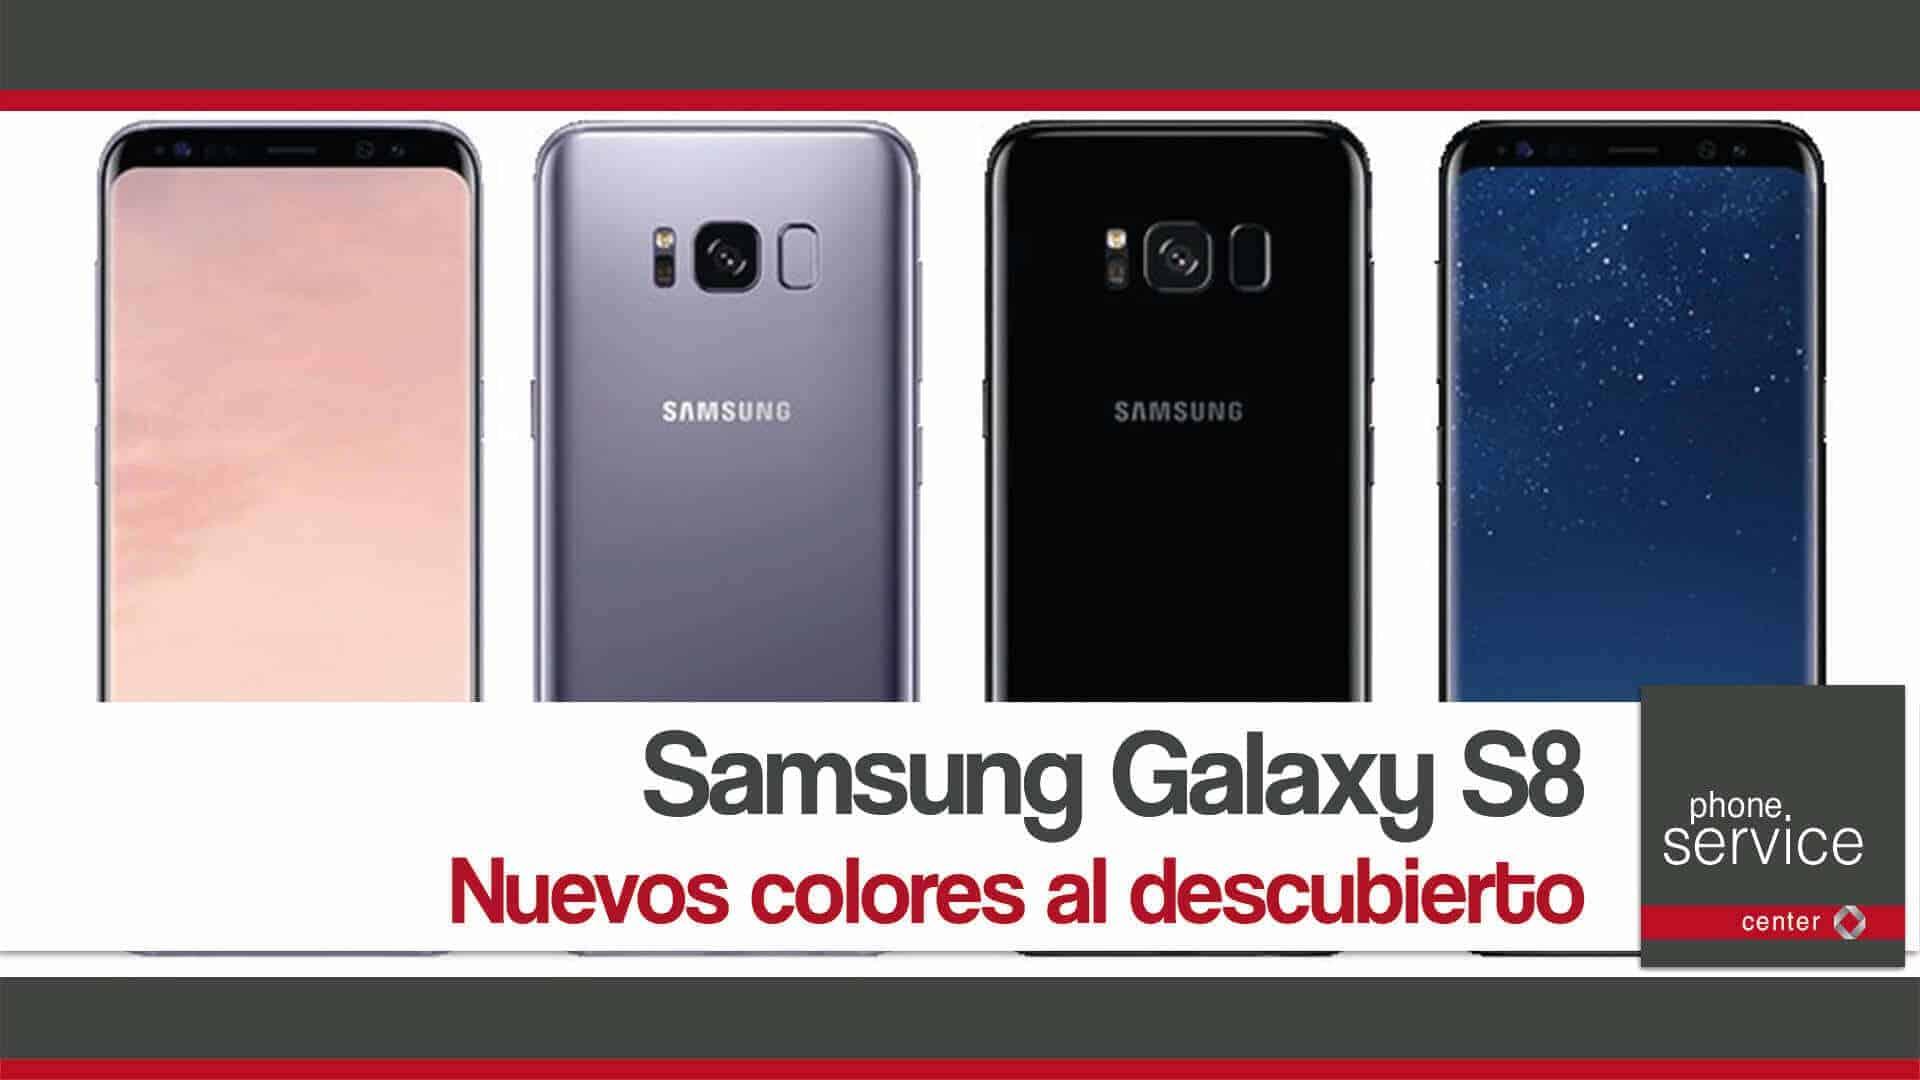 Samsung Galaxy S8 nuevos colores al descubierto